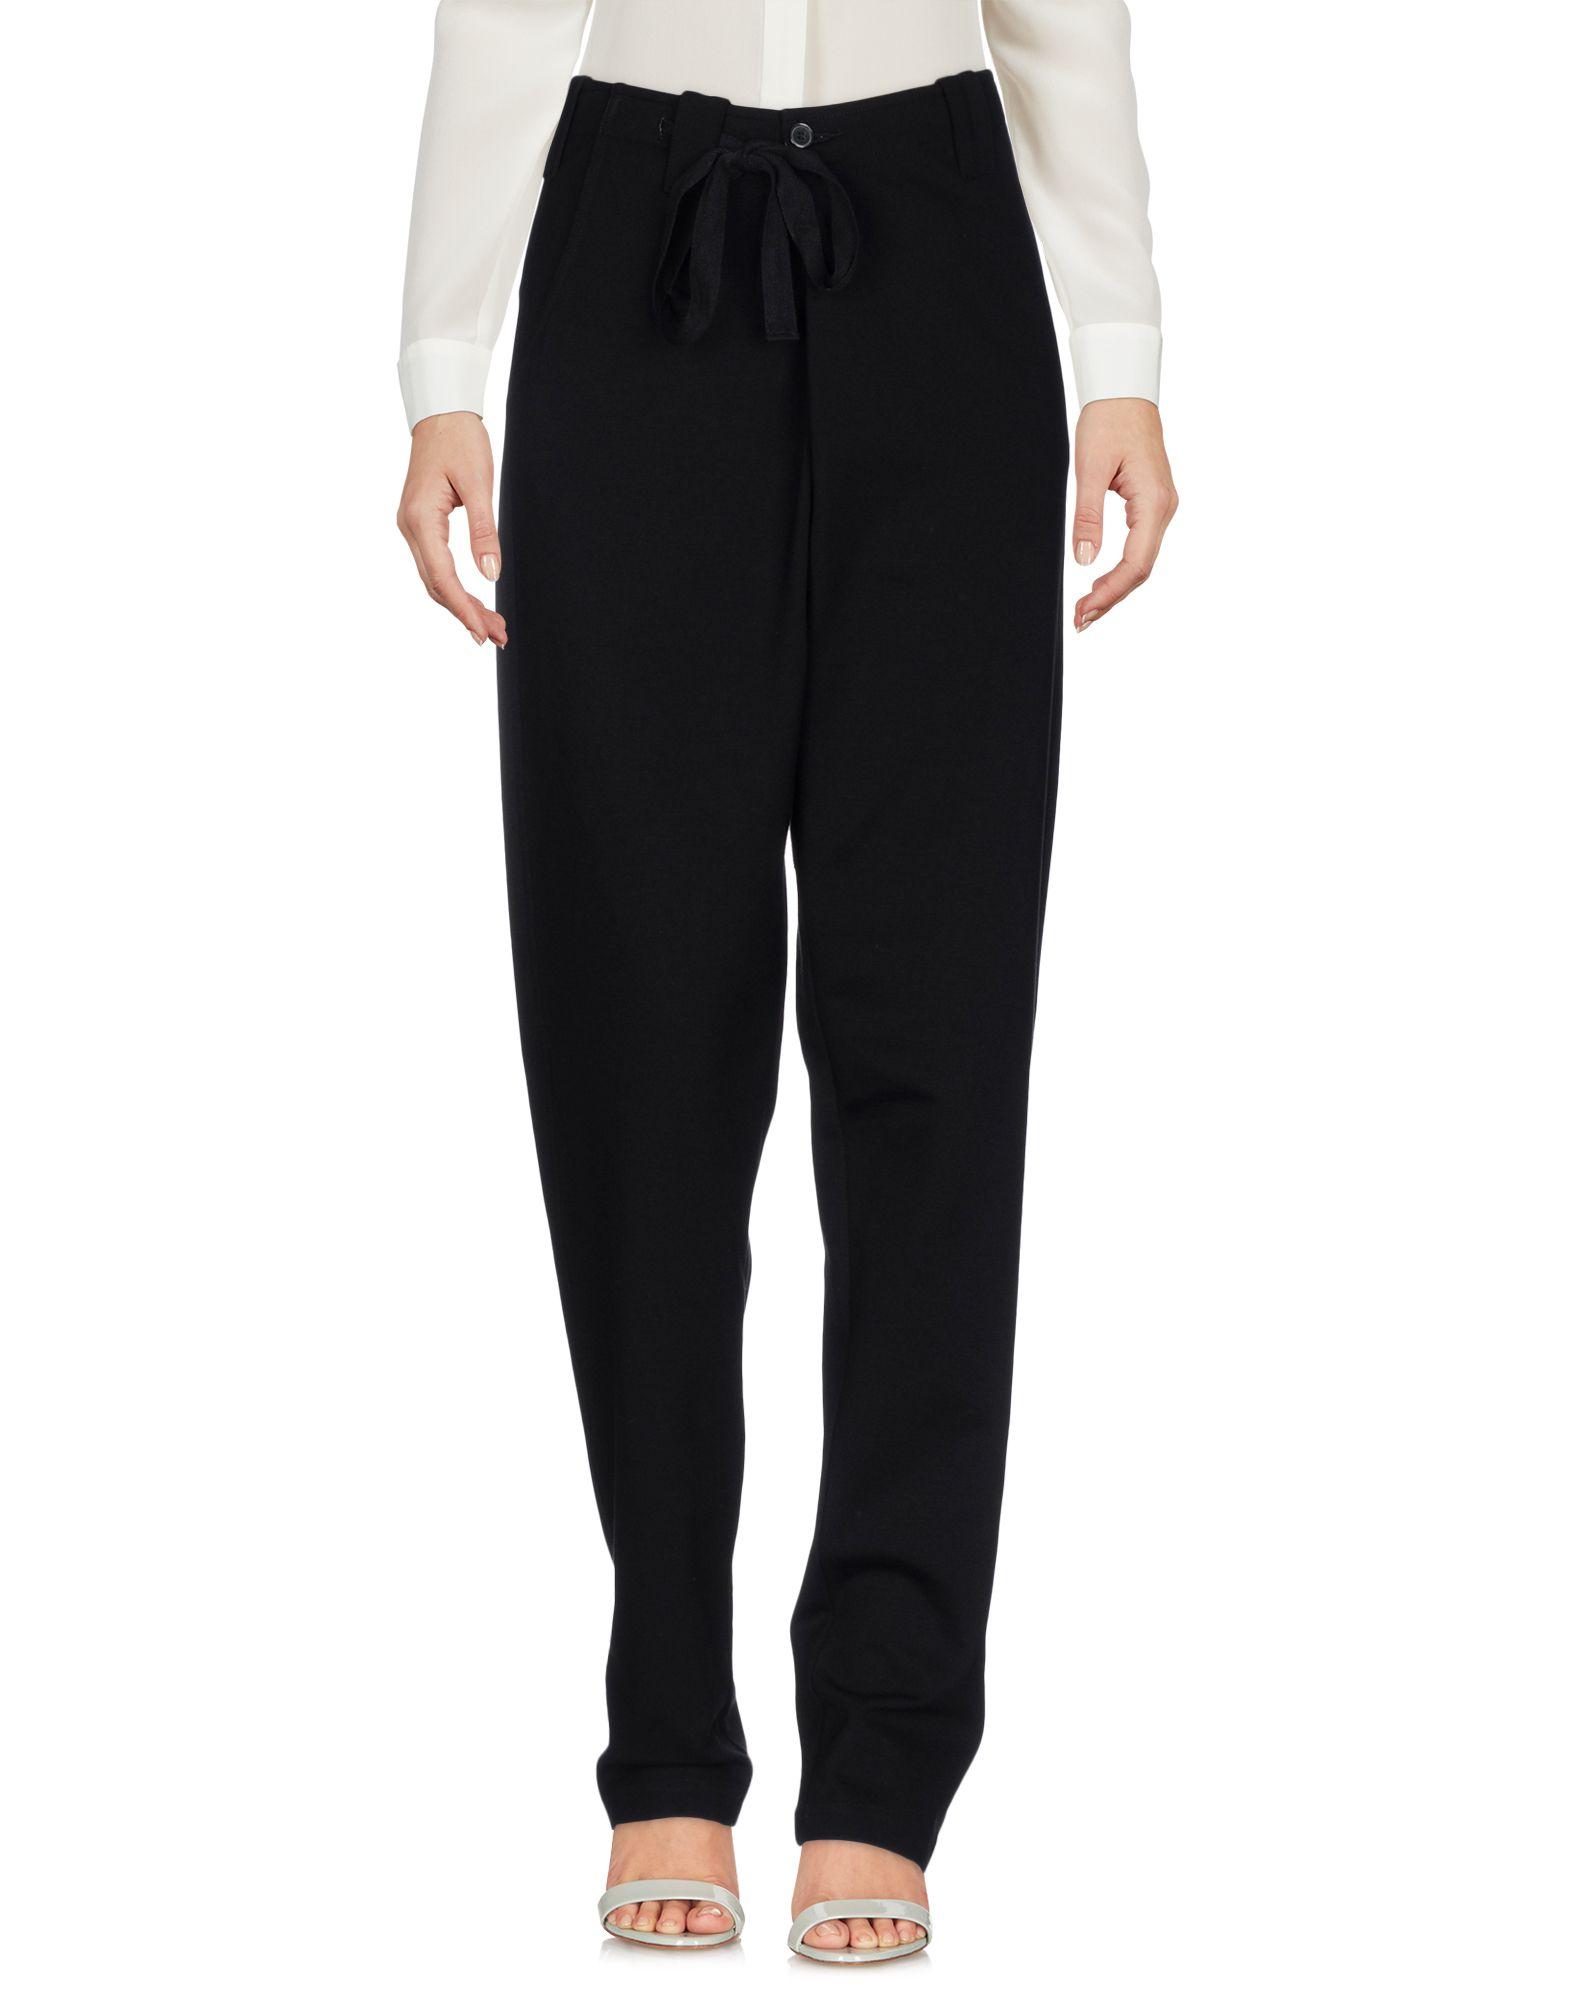 5PREVIEW Damen Hose Farbe Schwarz Größe 4 jetztbilligerkaufen